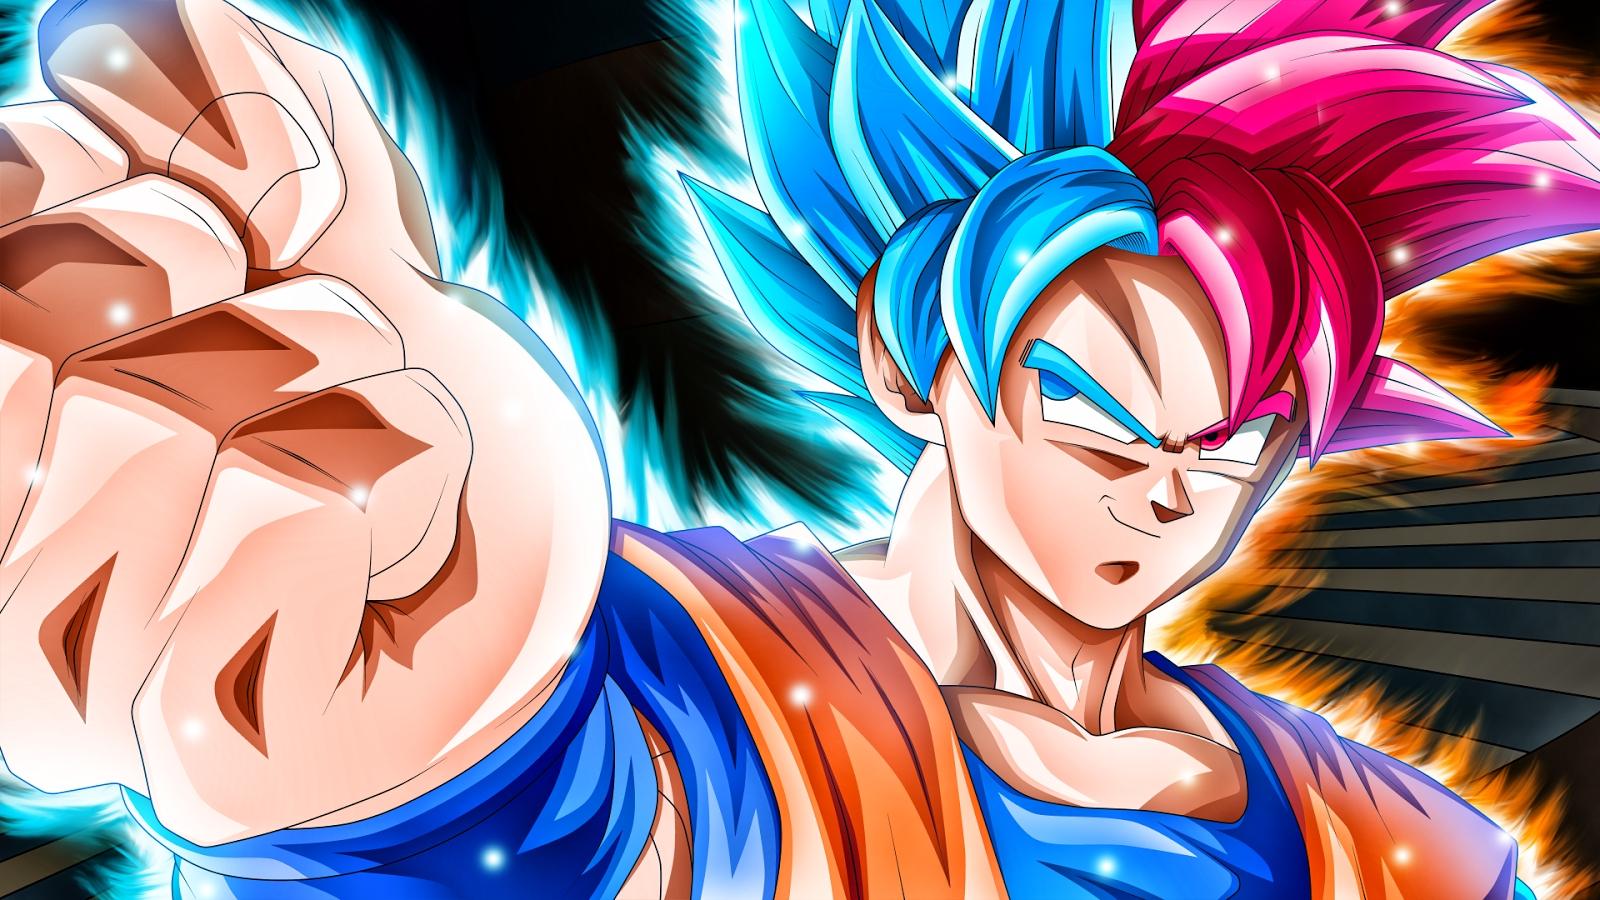 10 latest goku super saiyan god super saiyan wallpaper hd full hd